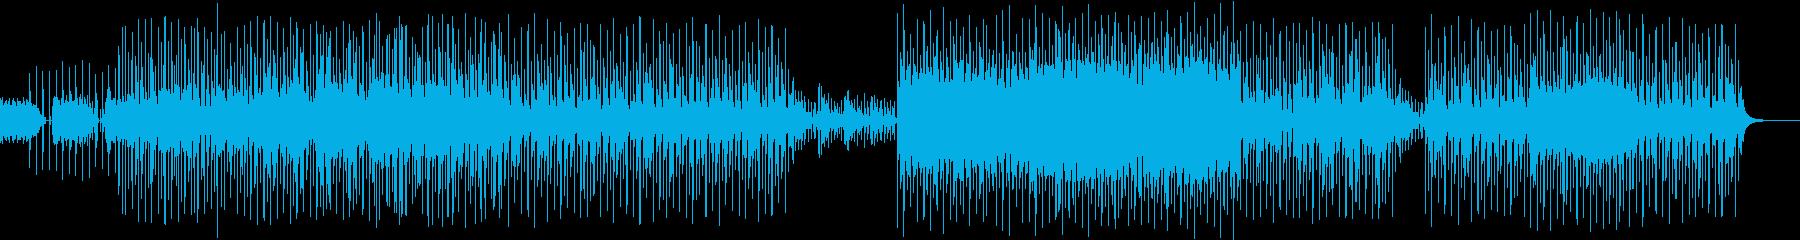 ポップな感じの曲ですの再生済みの波形